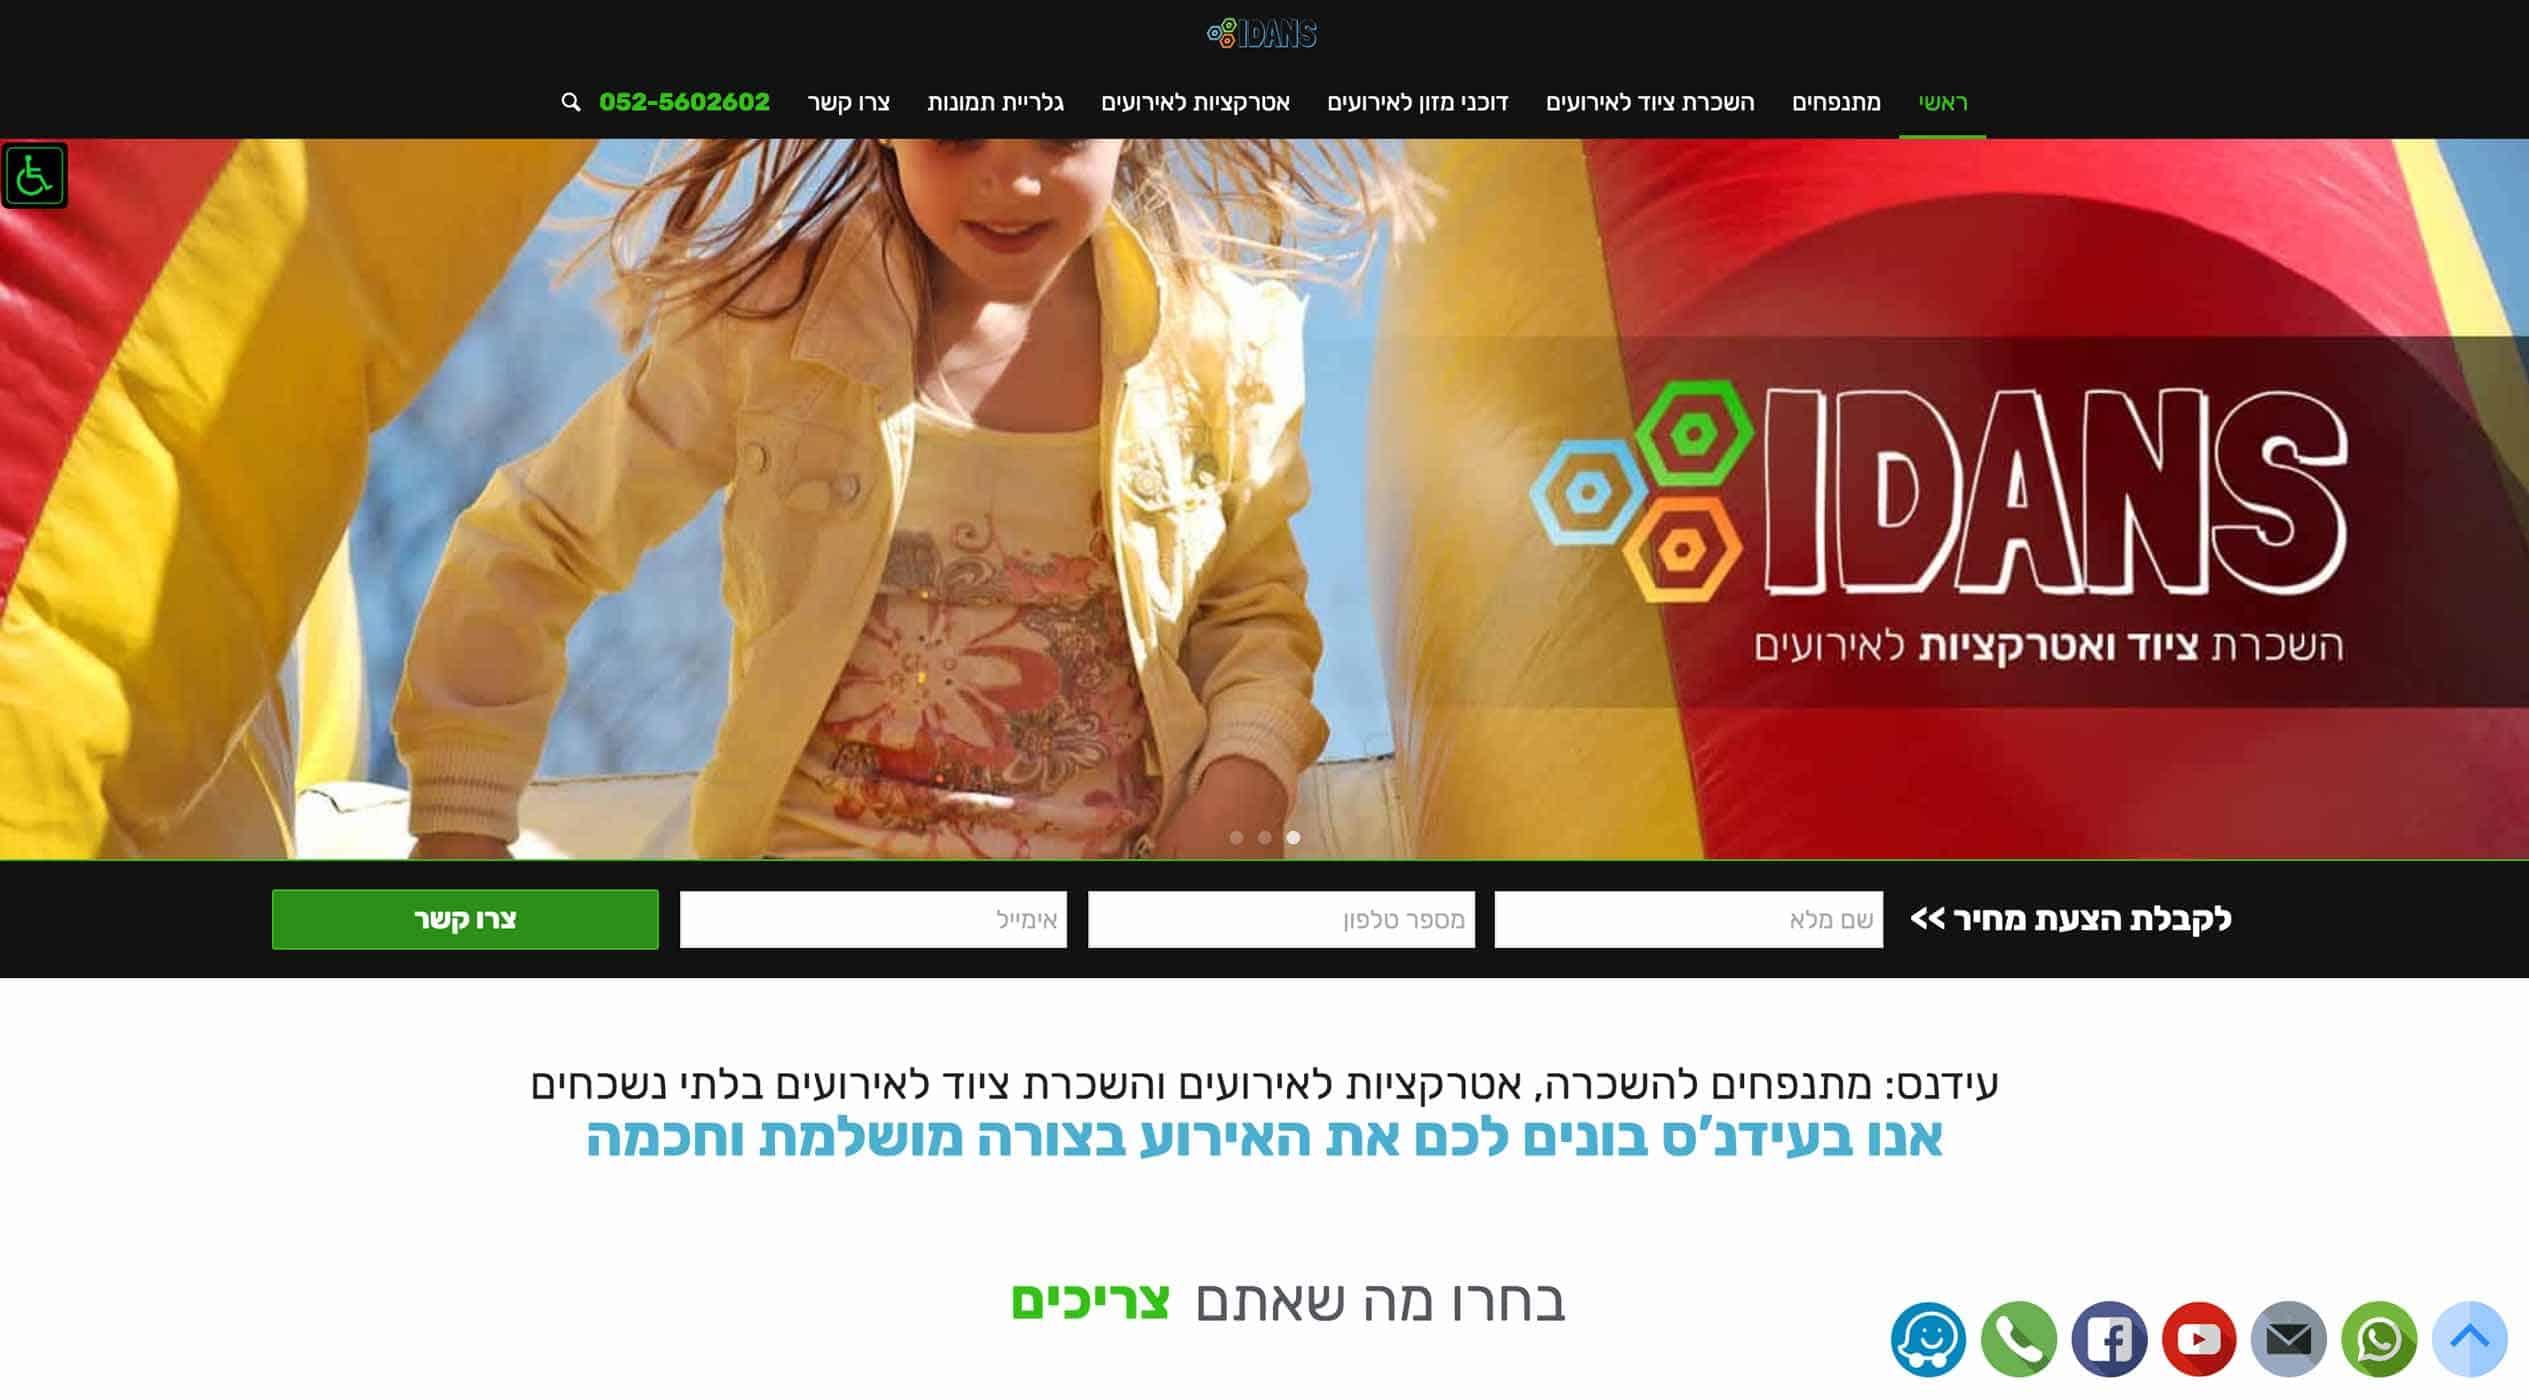 Idans_WEB